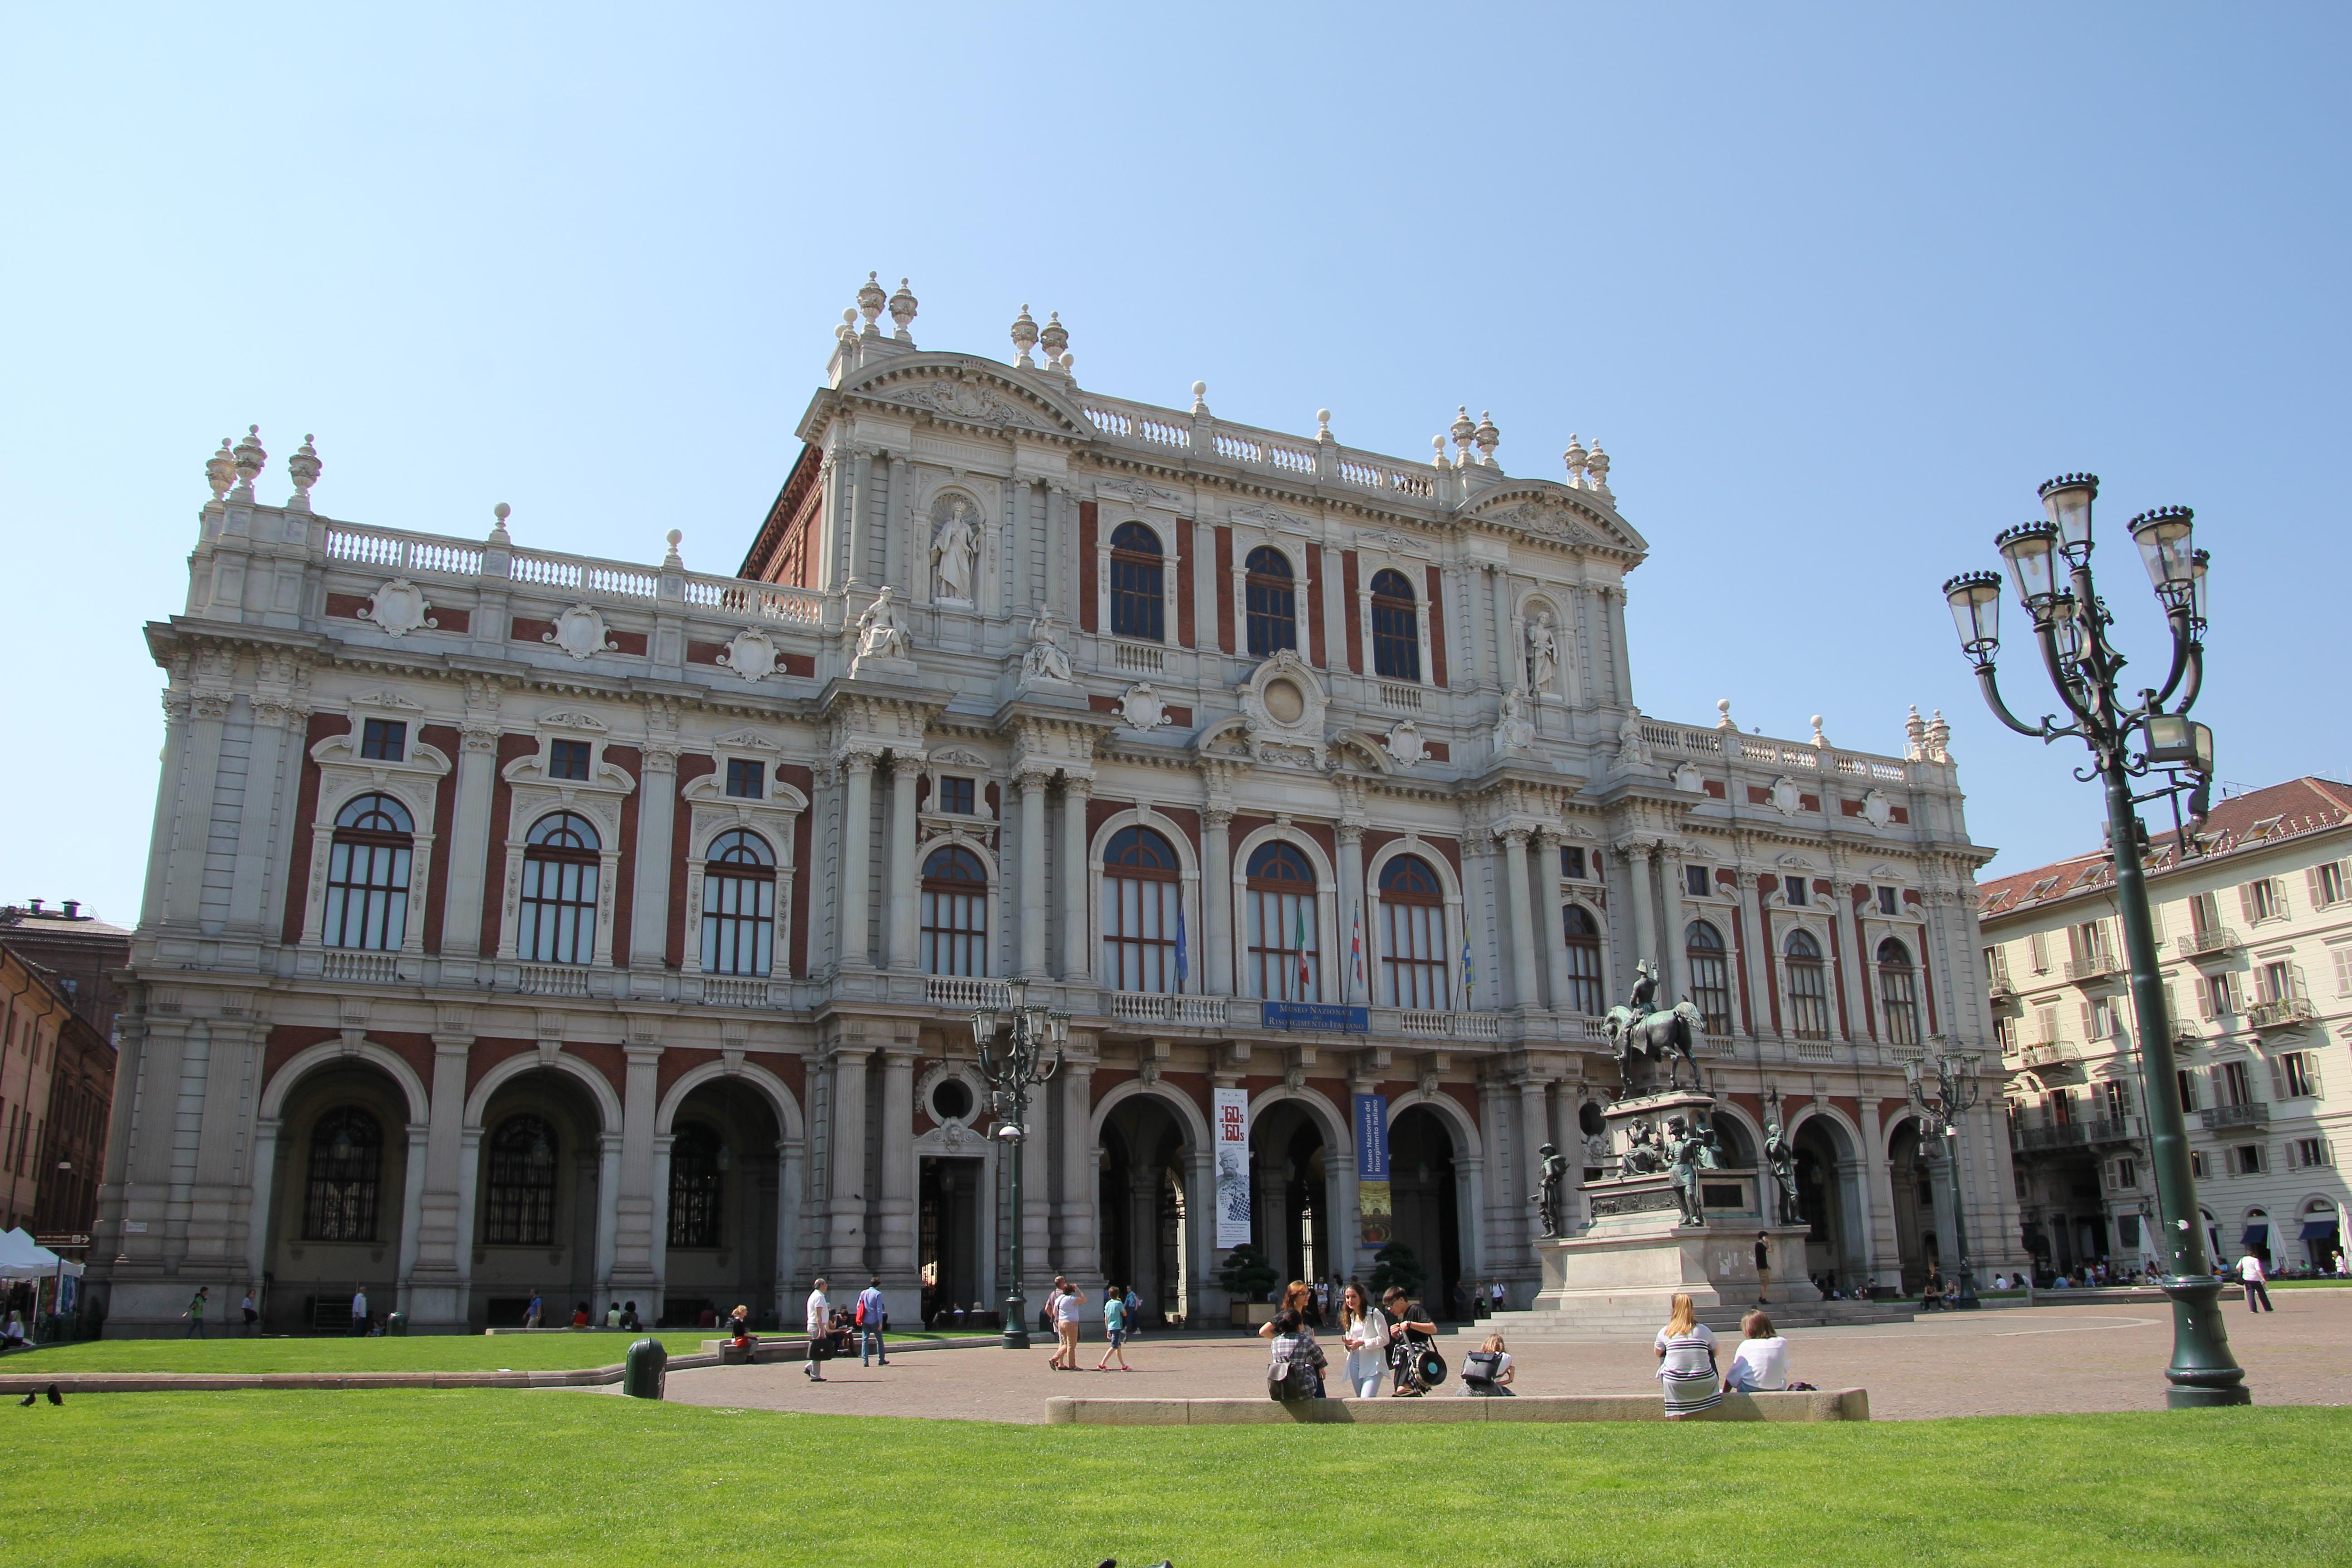 Museo Nazionale Del Risorgimento Italiano.File Torino Museo Del Risorgimento Italiano 06 Jpg Wikipedia